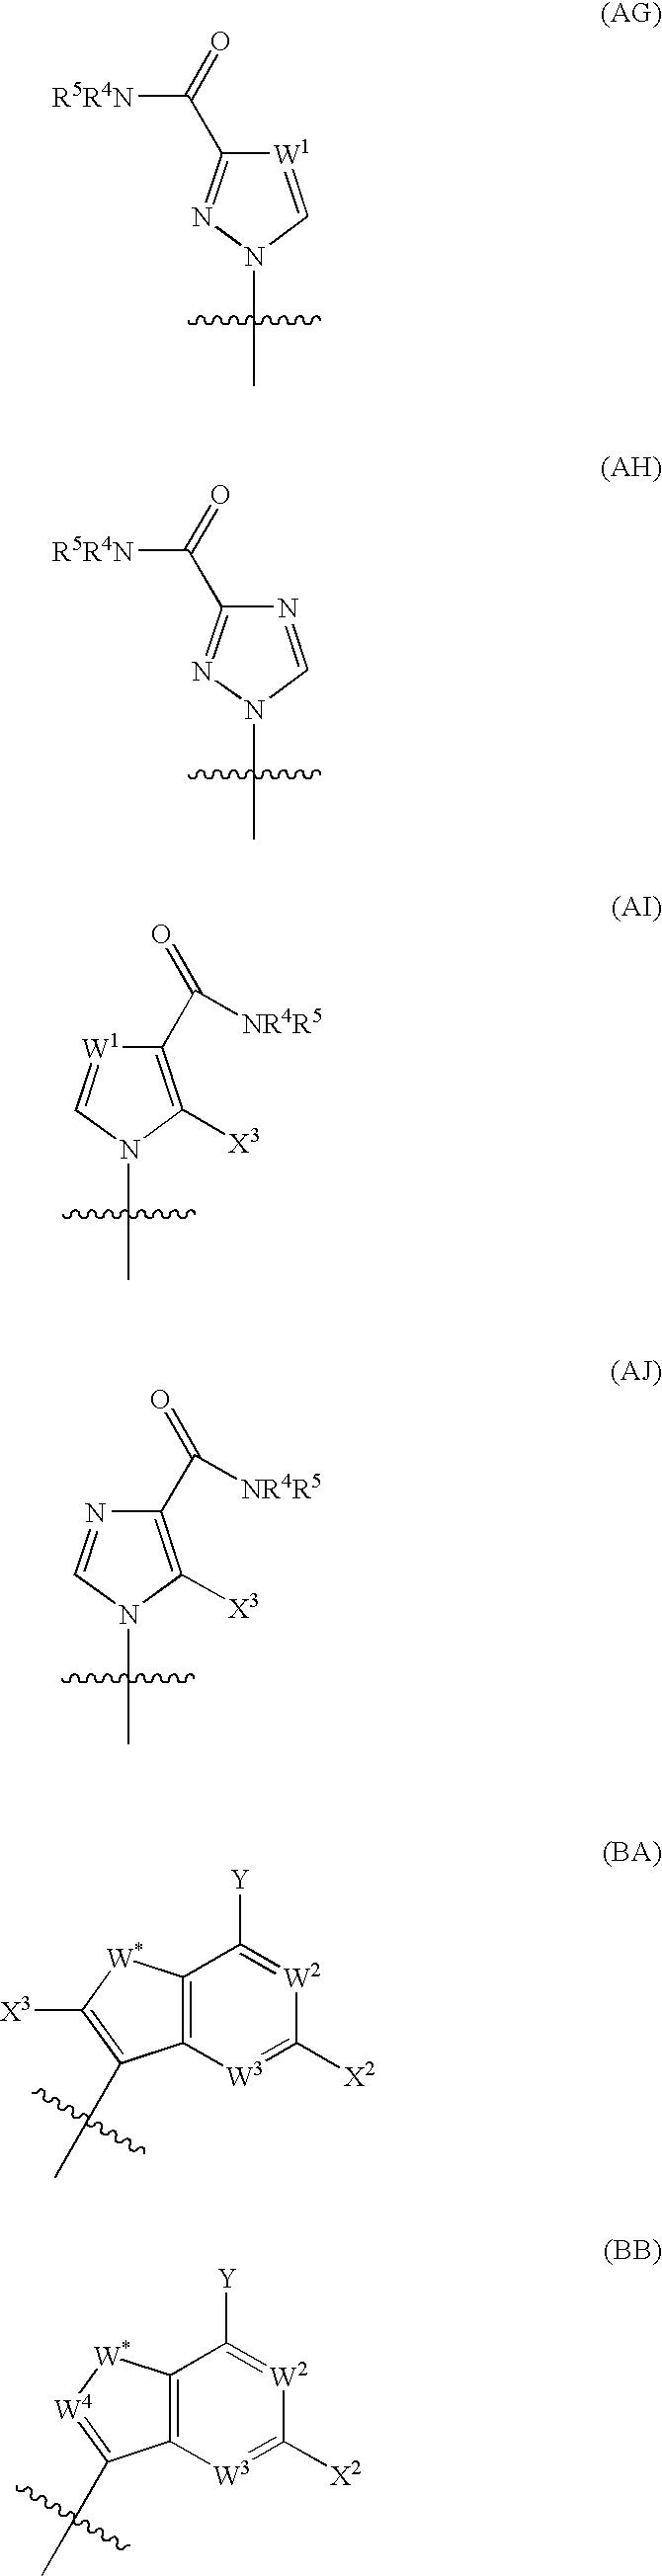 Figure US07608600-20091027-C00009